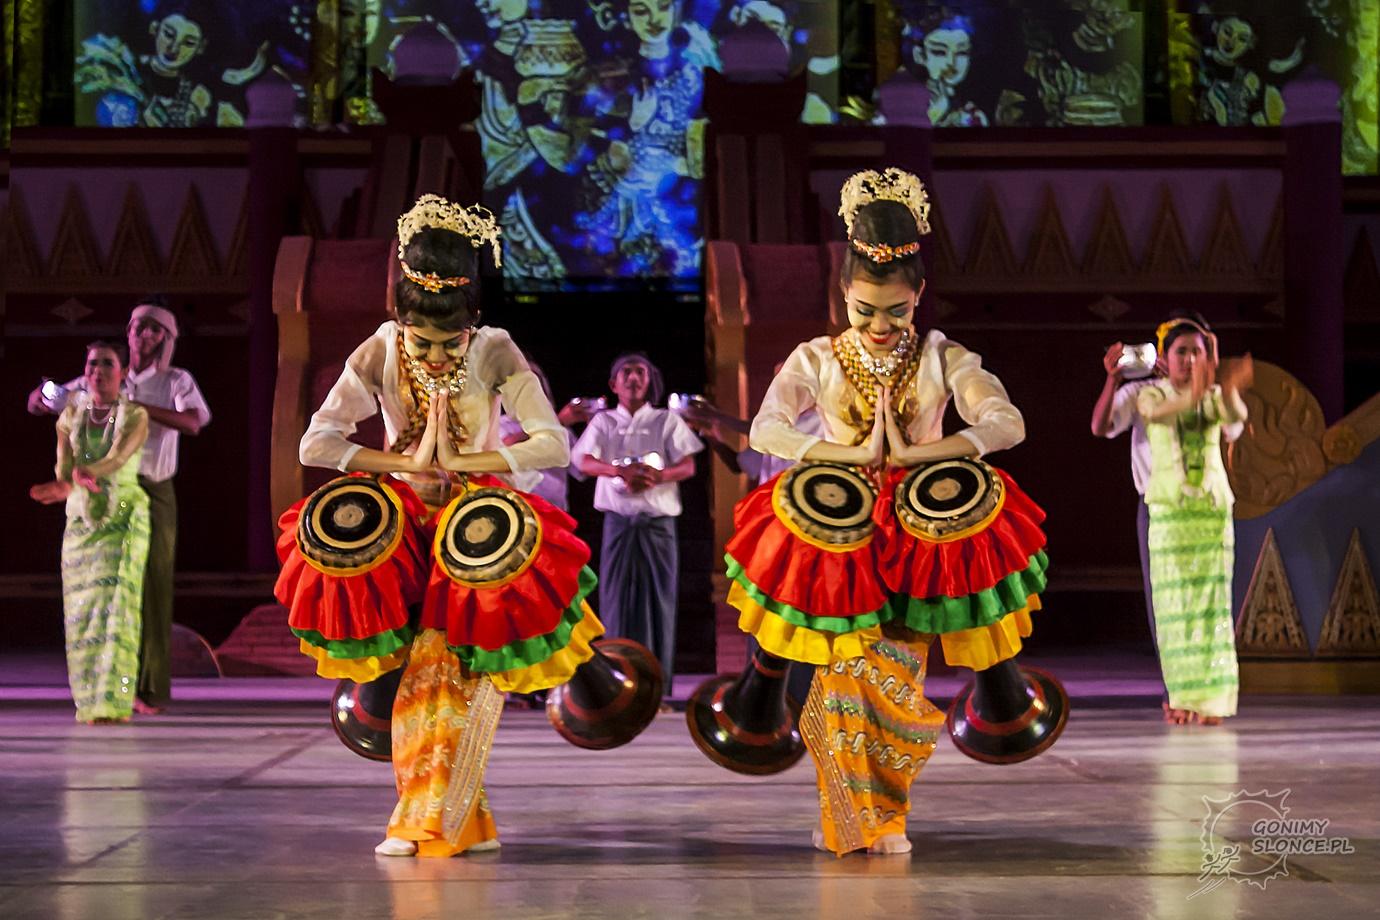 Dandaree - Mjanmarki (Birmanki) tradycyjne podziękowanie